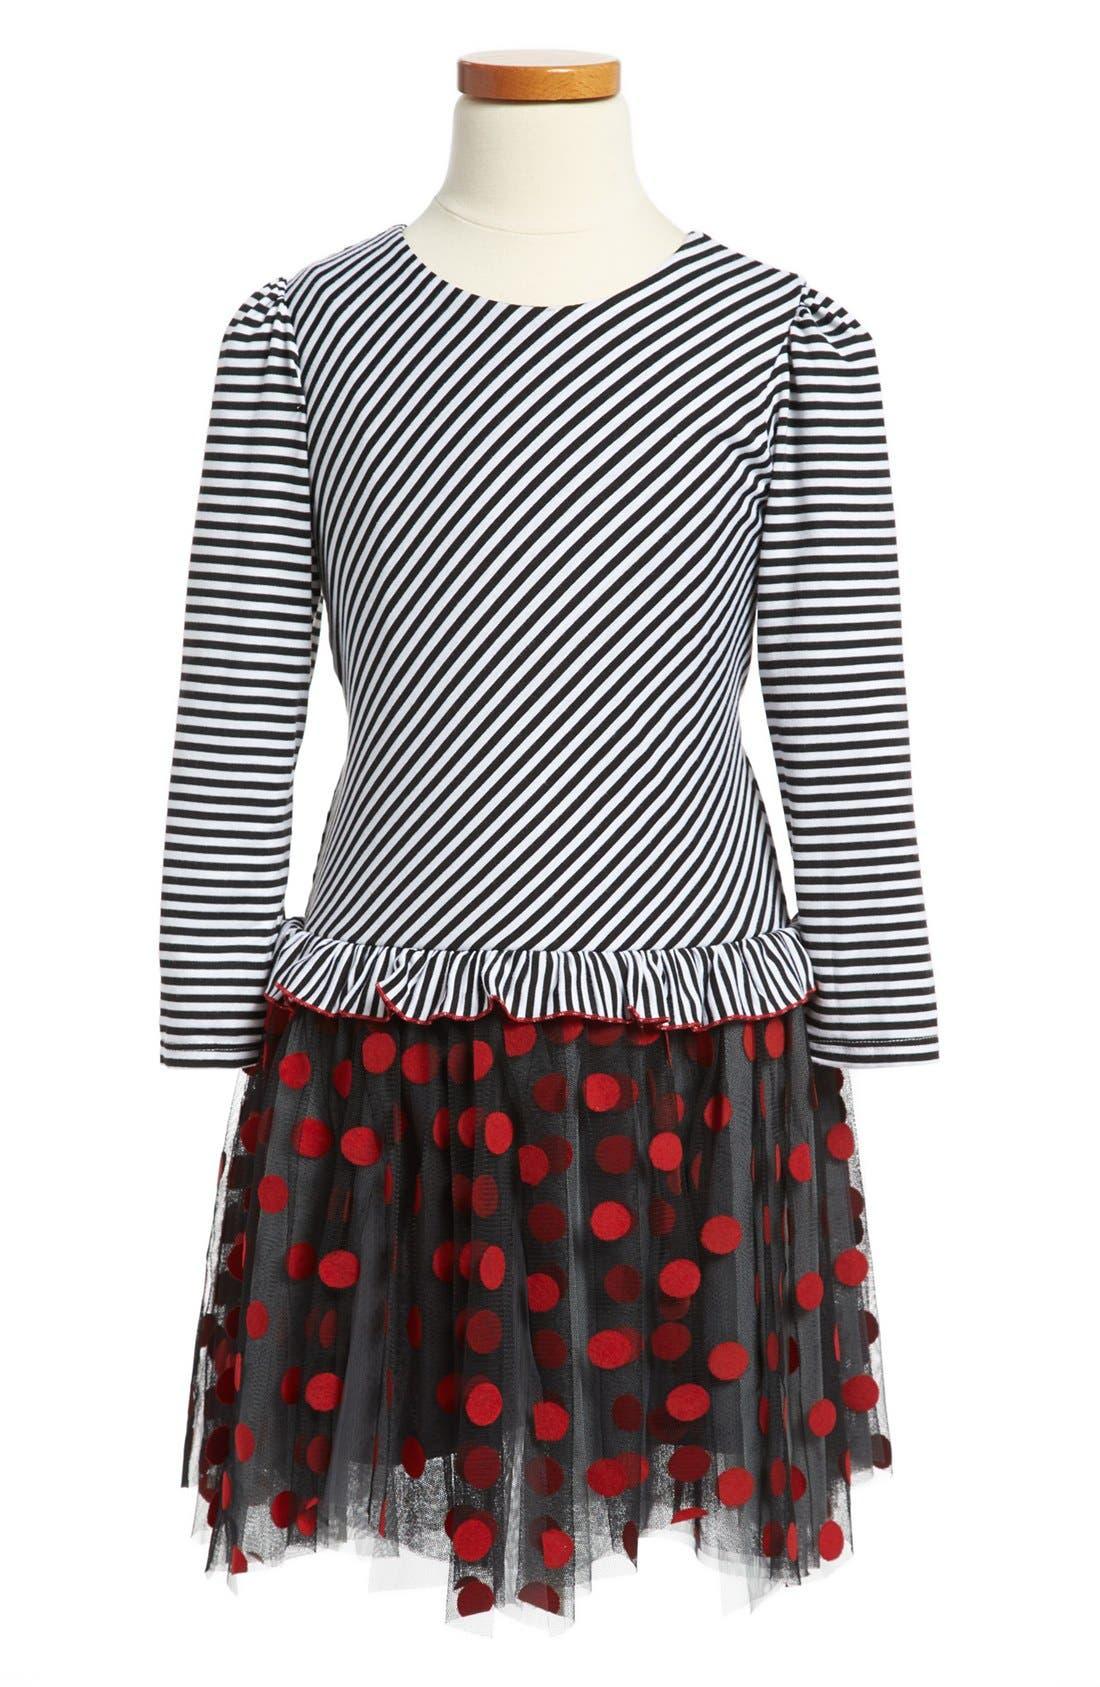 Alternate Image 1 Selected - Isobella & Chloe Tulle Dress (Little Girls & Big Girls)